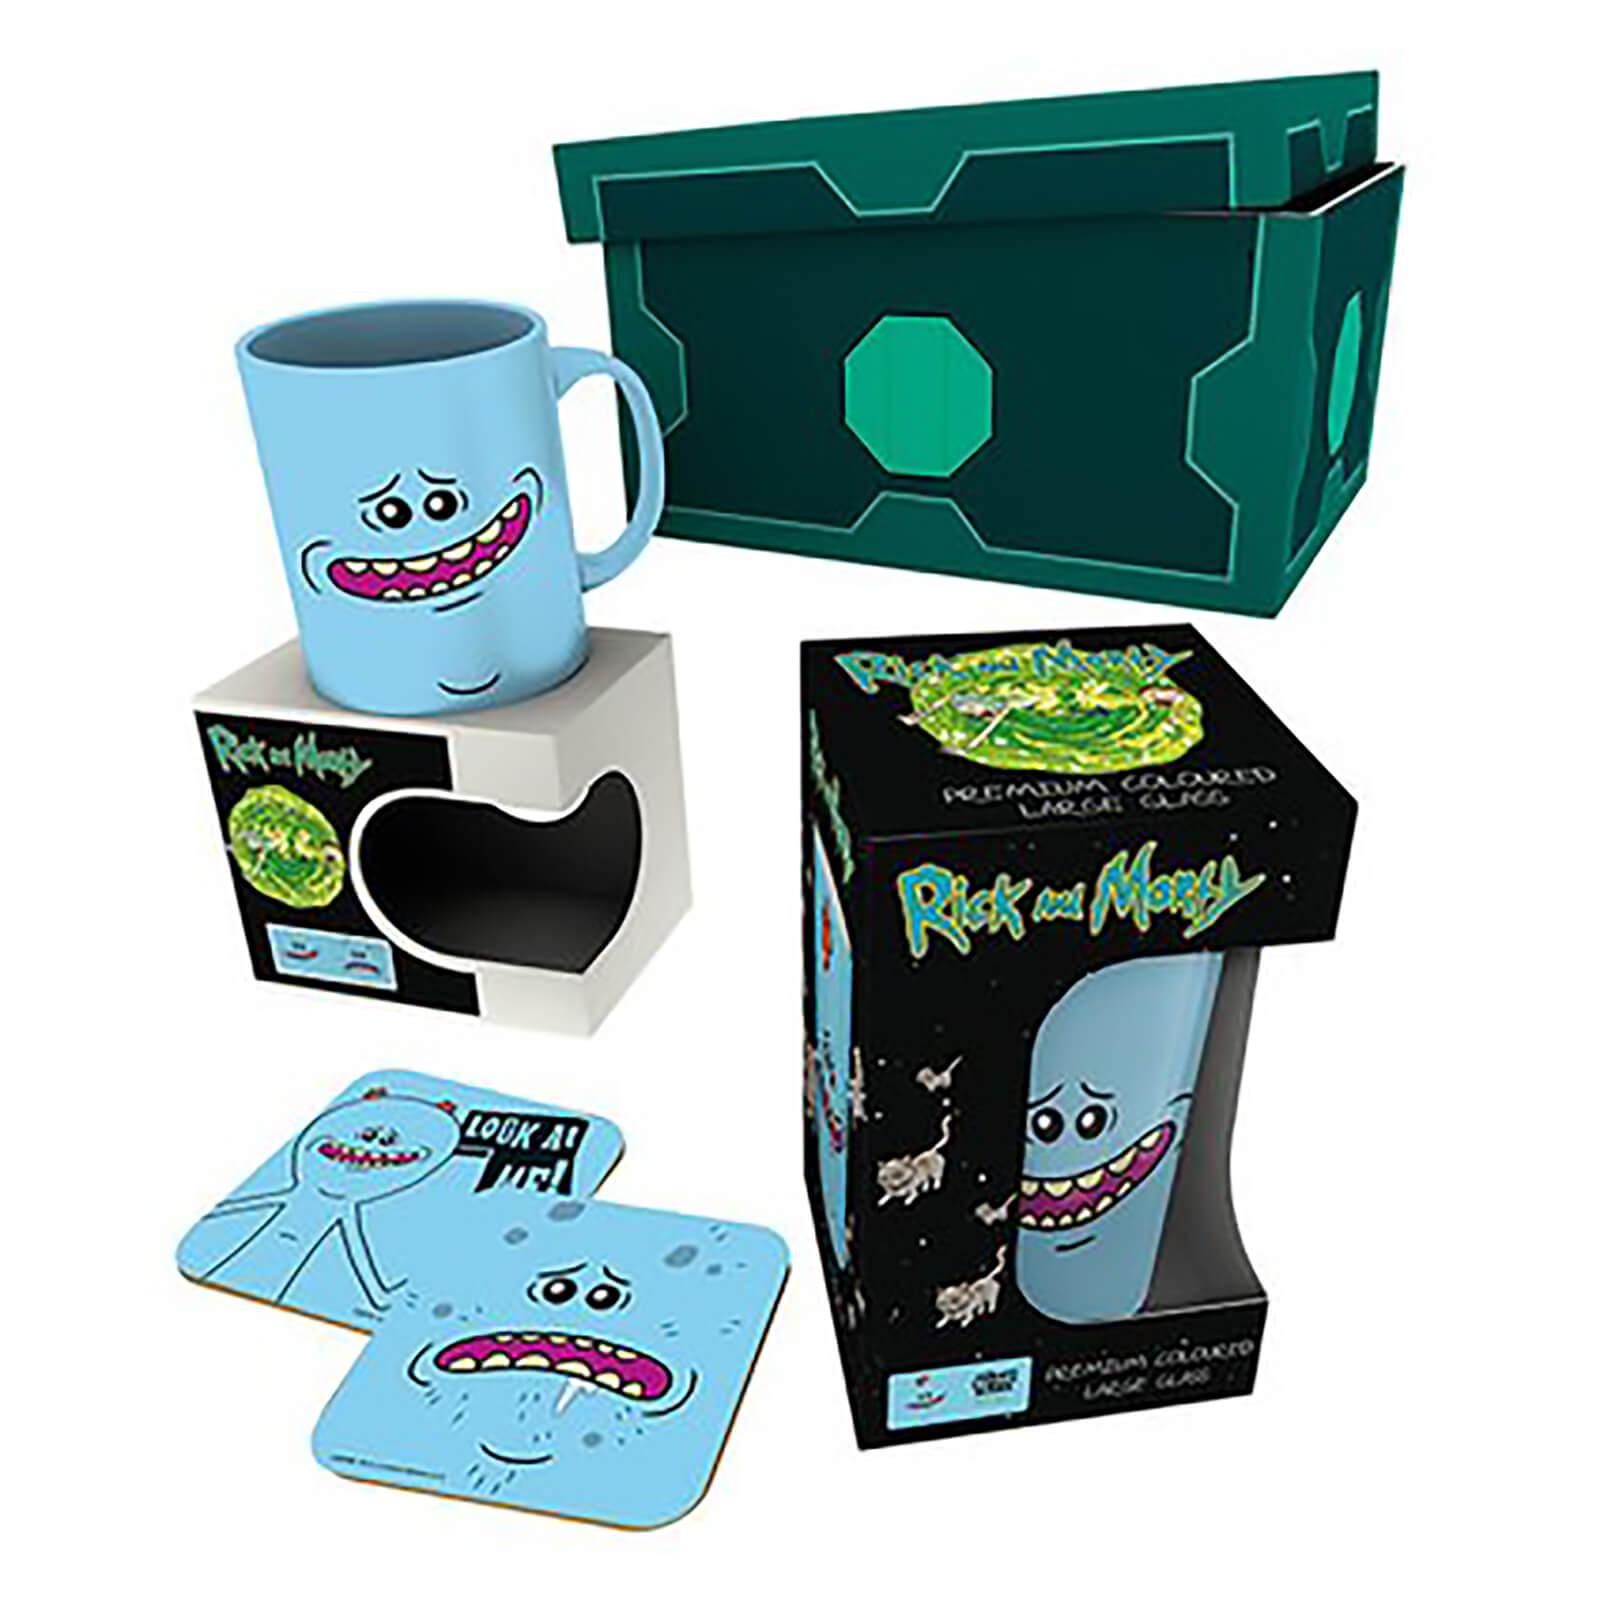 Rick and Morty (Meeseeks) Geschenkdoos